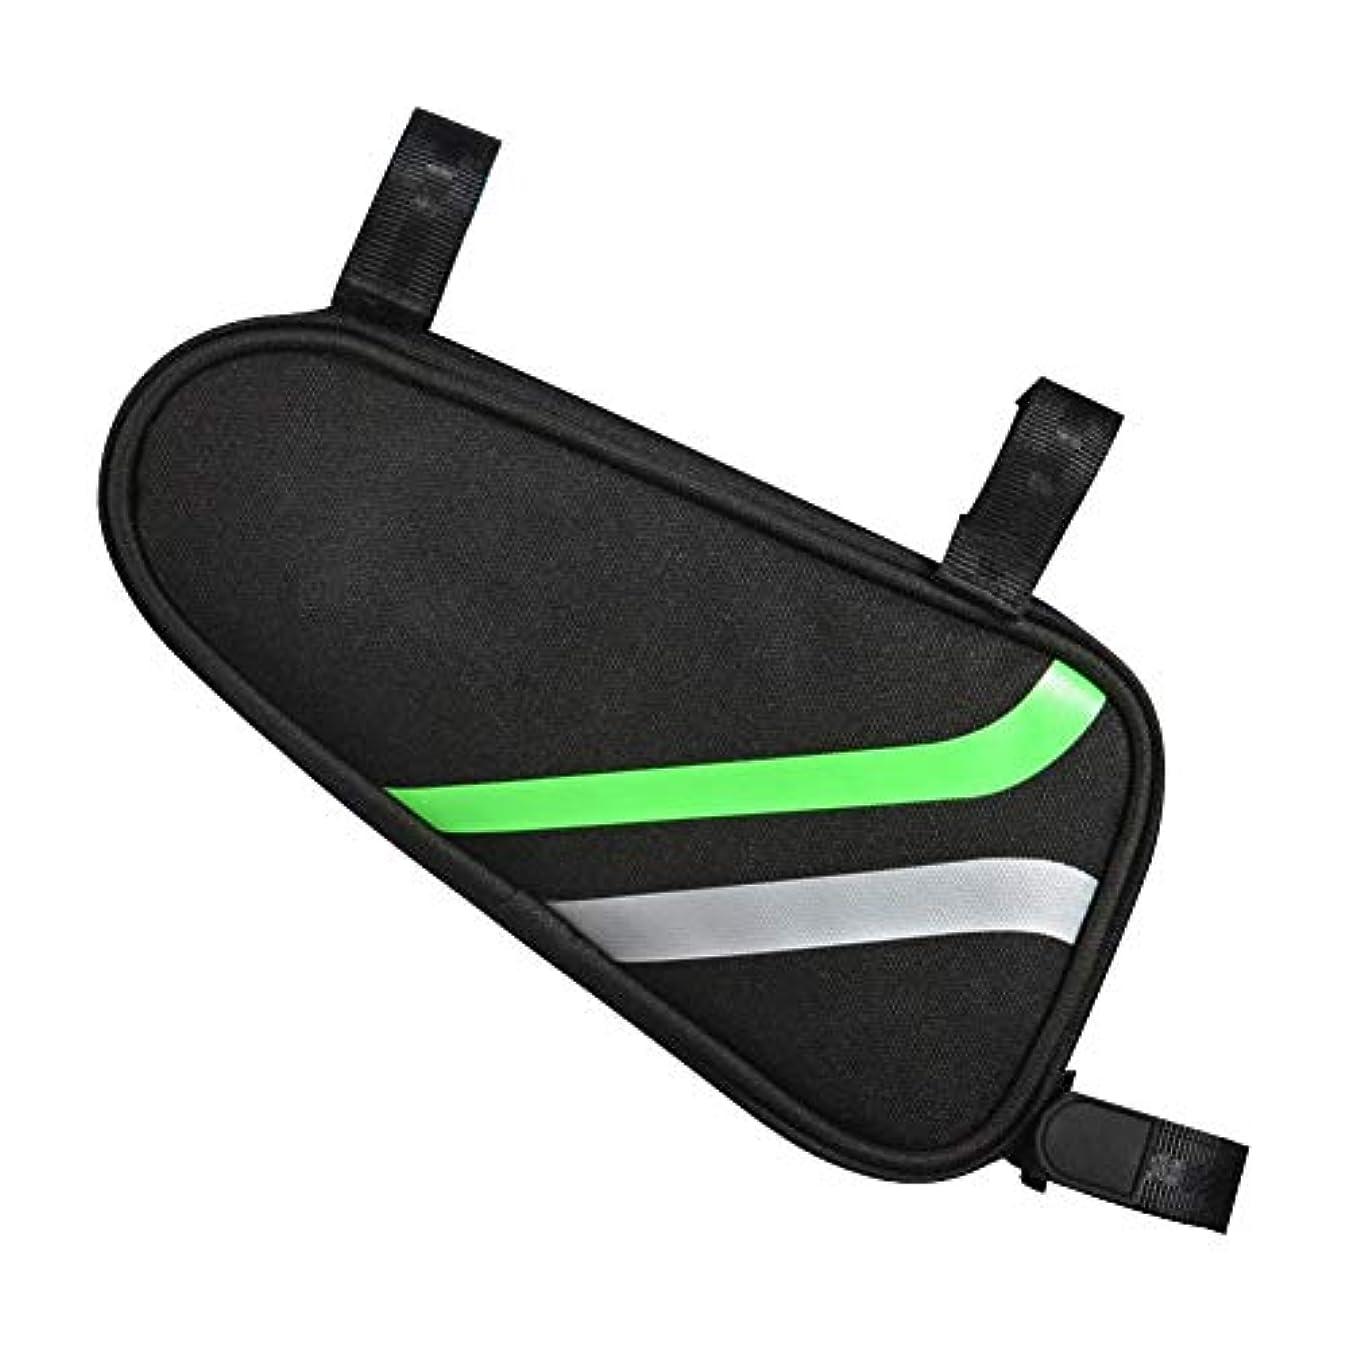 無関心混乱した矢自転車用サドルバッグ トップチューブバッグ 三角バッグ フロントバッグ 3点固定のマジックテープ 良質の生地 耐摩耗性 二重線カラーマッチングストリップ シンプル ファッション